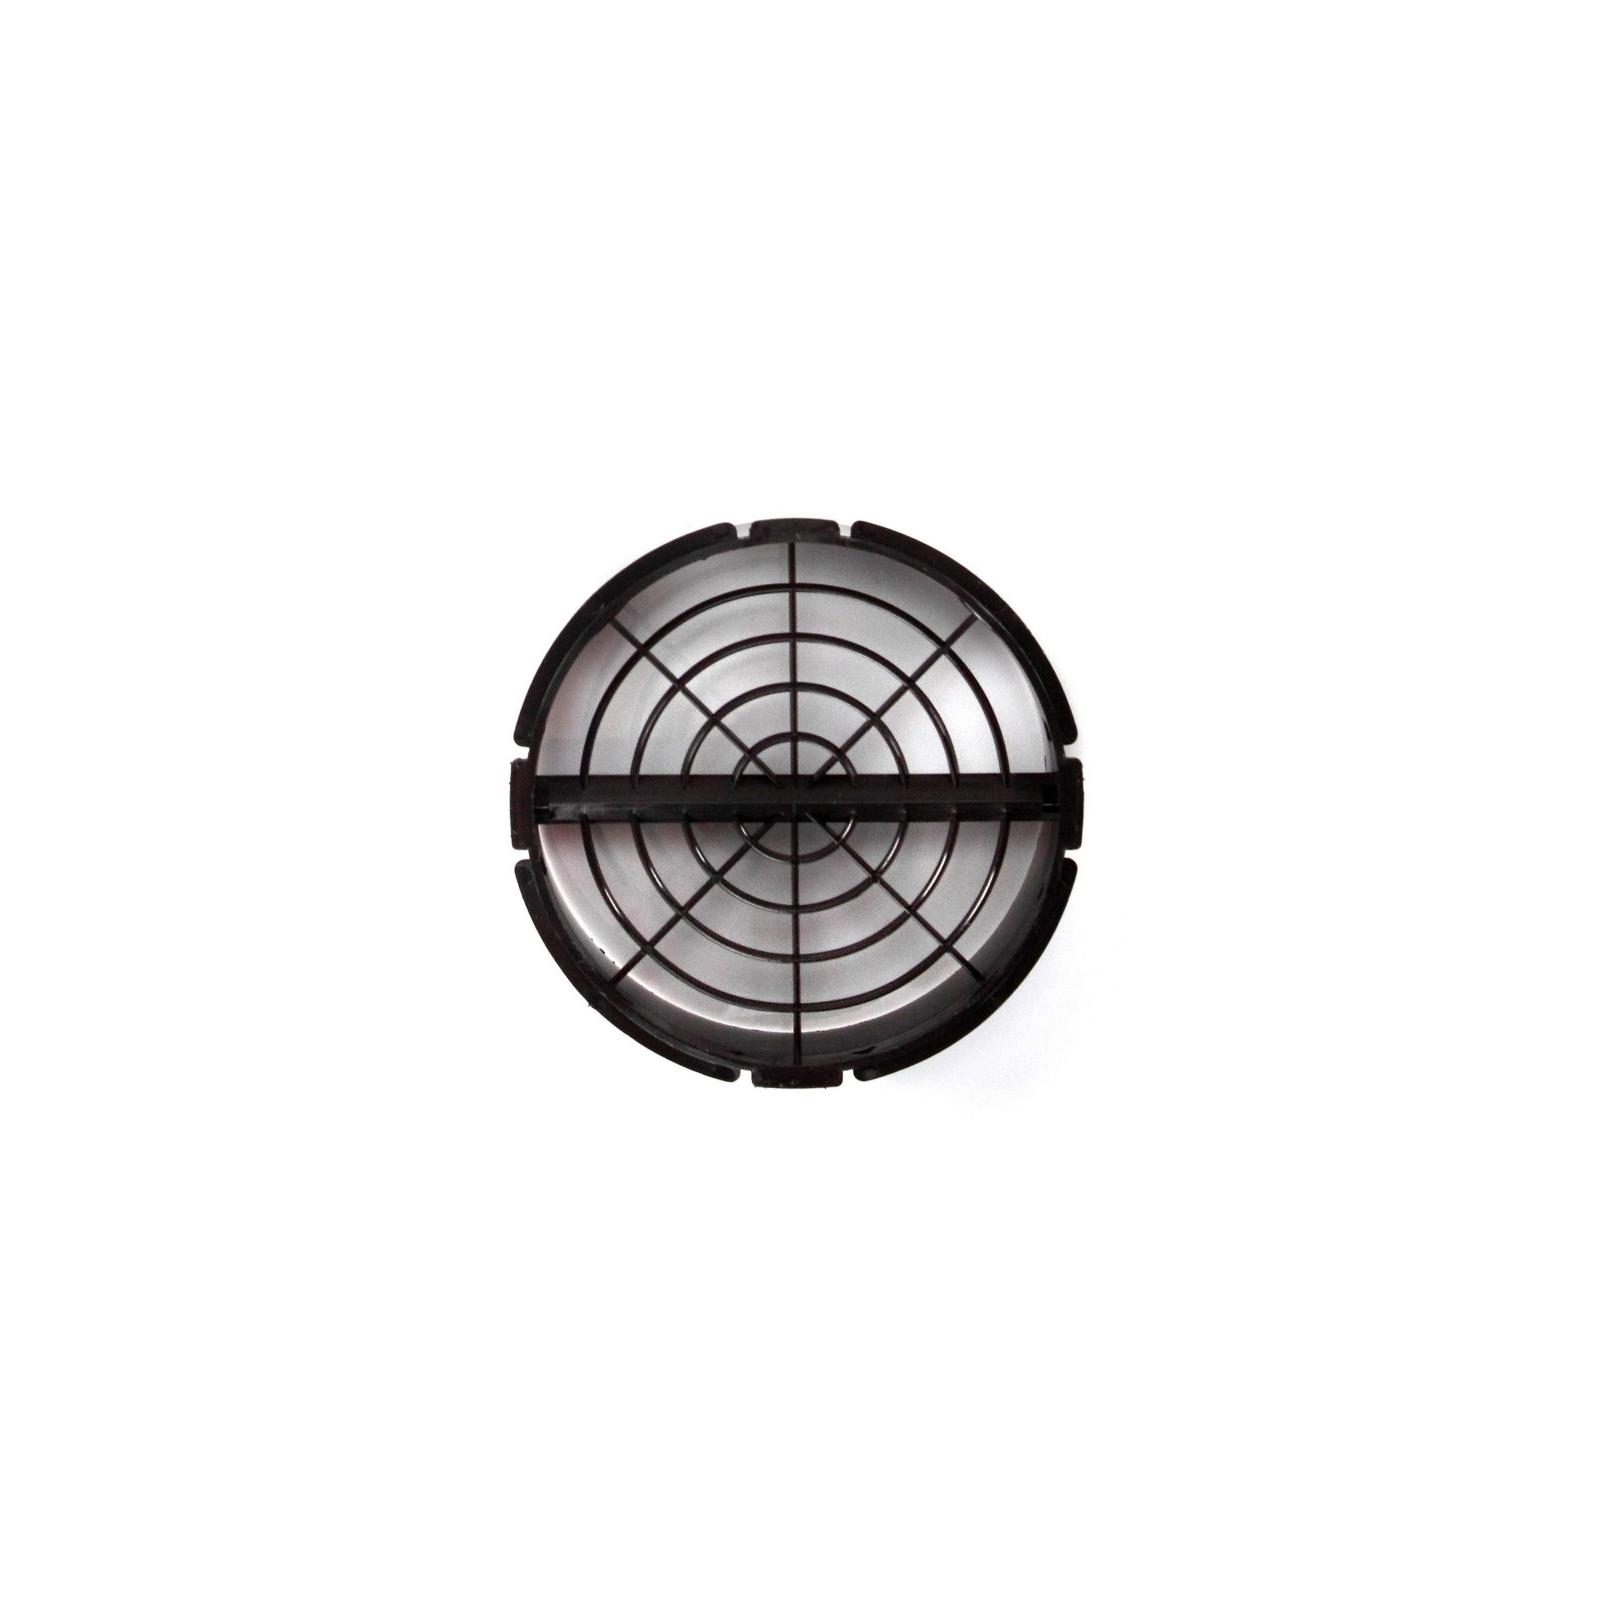 Вытяжка кухонная Eleyus Cyclon 470 50 BG изображение 11